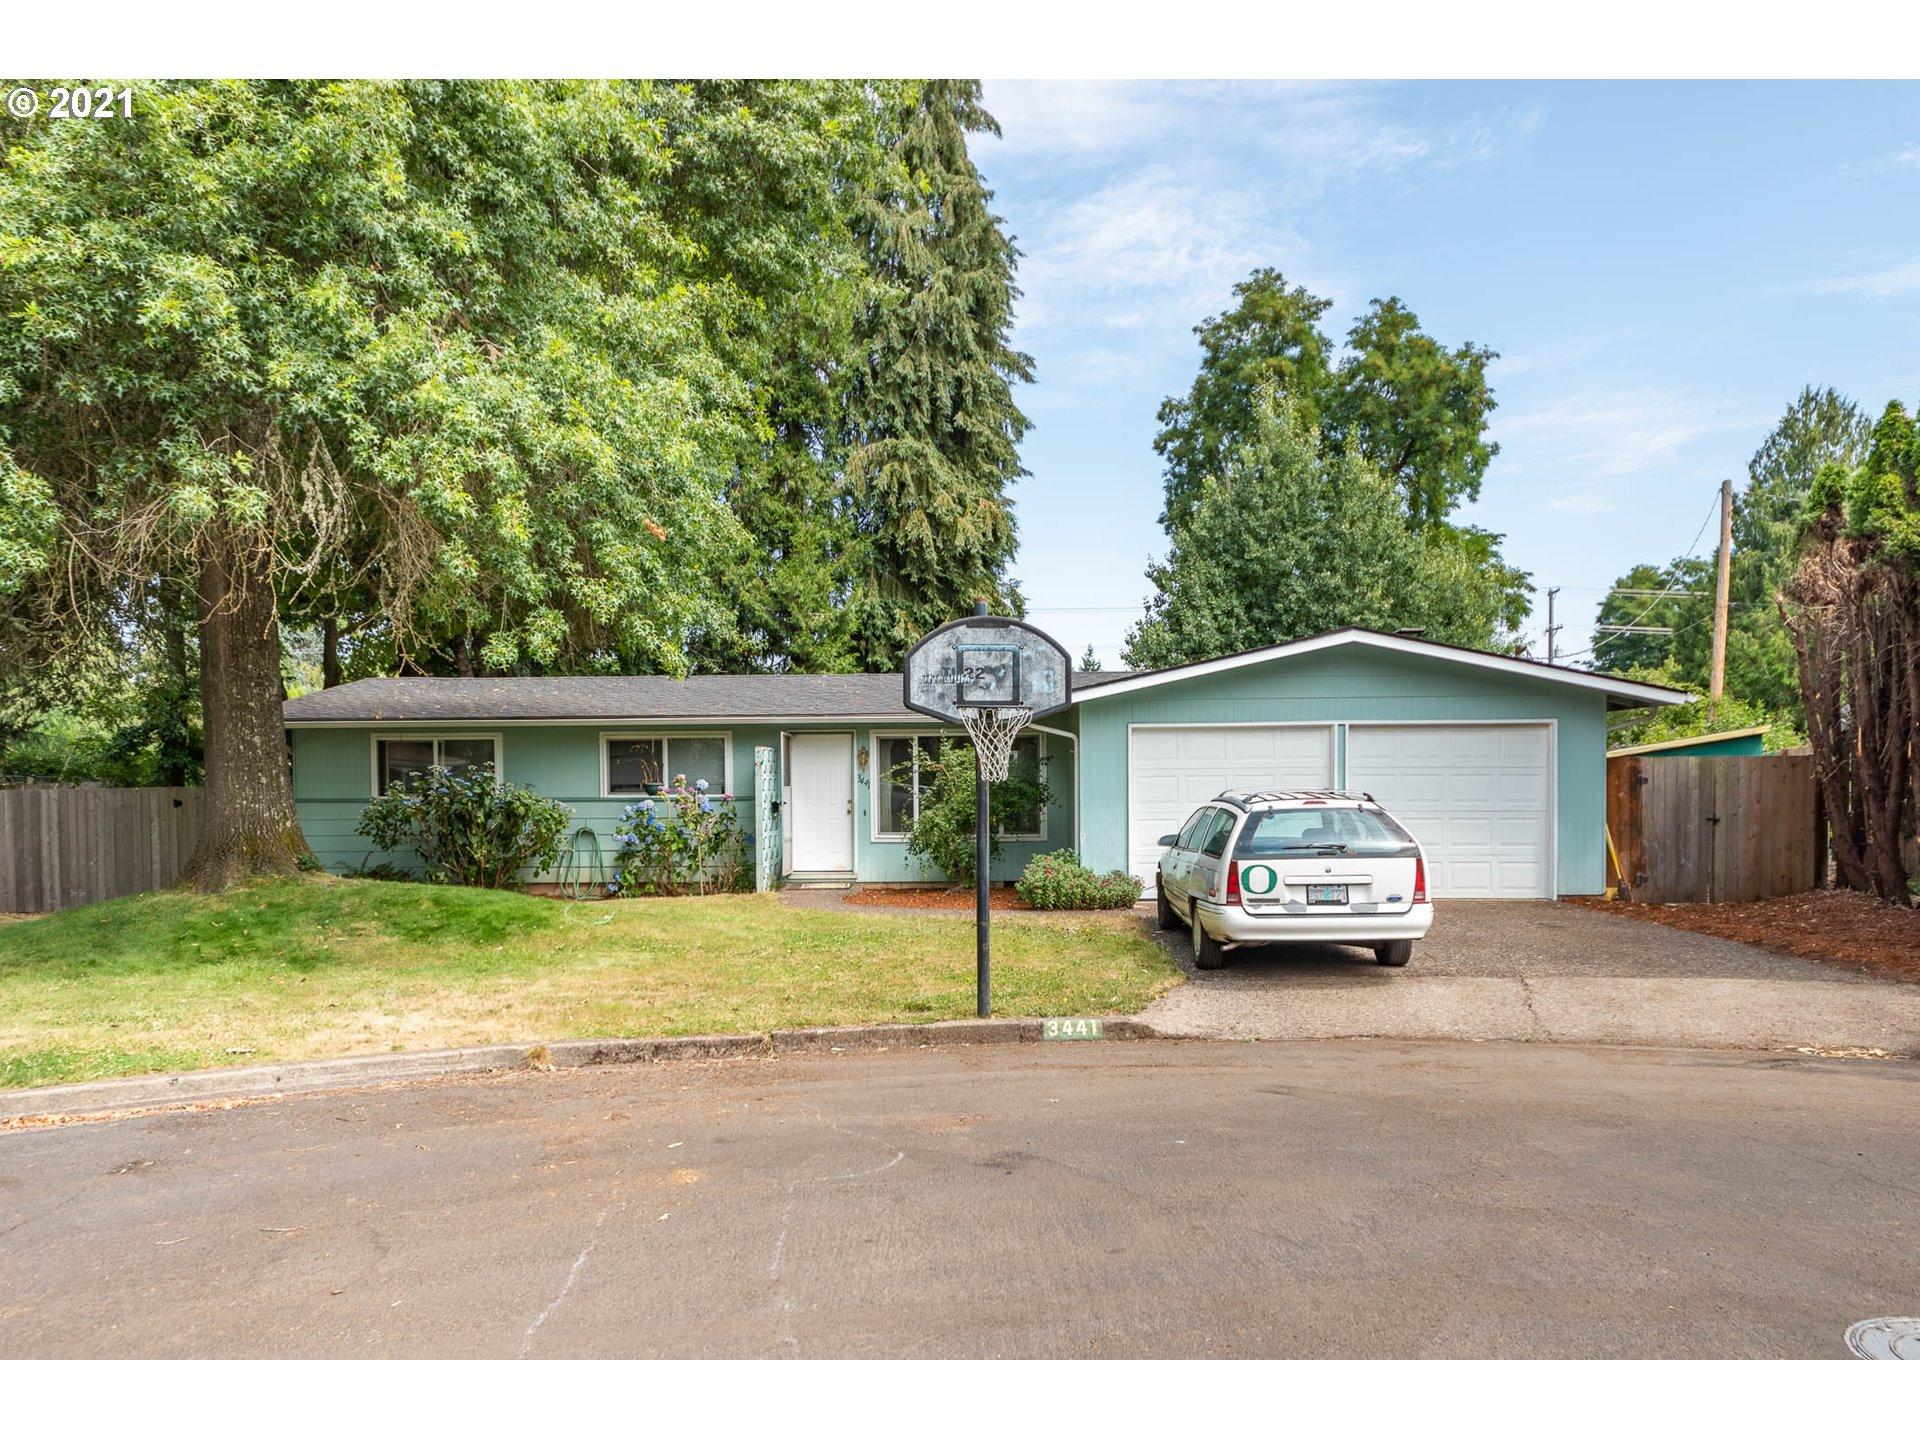 3441 STARK ST, Eugene OR 97404